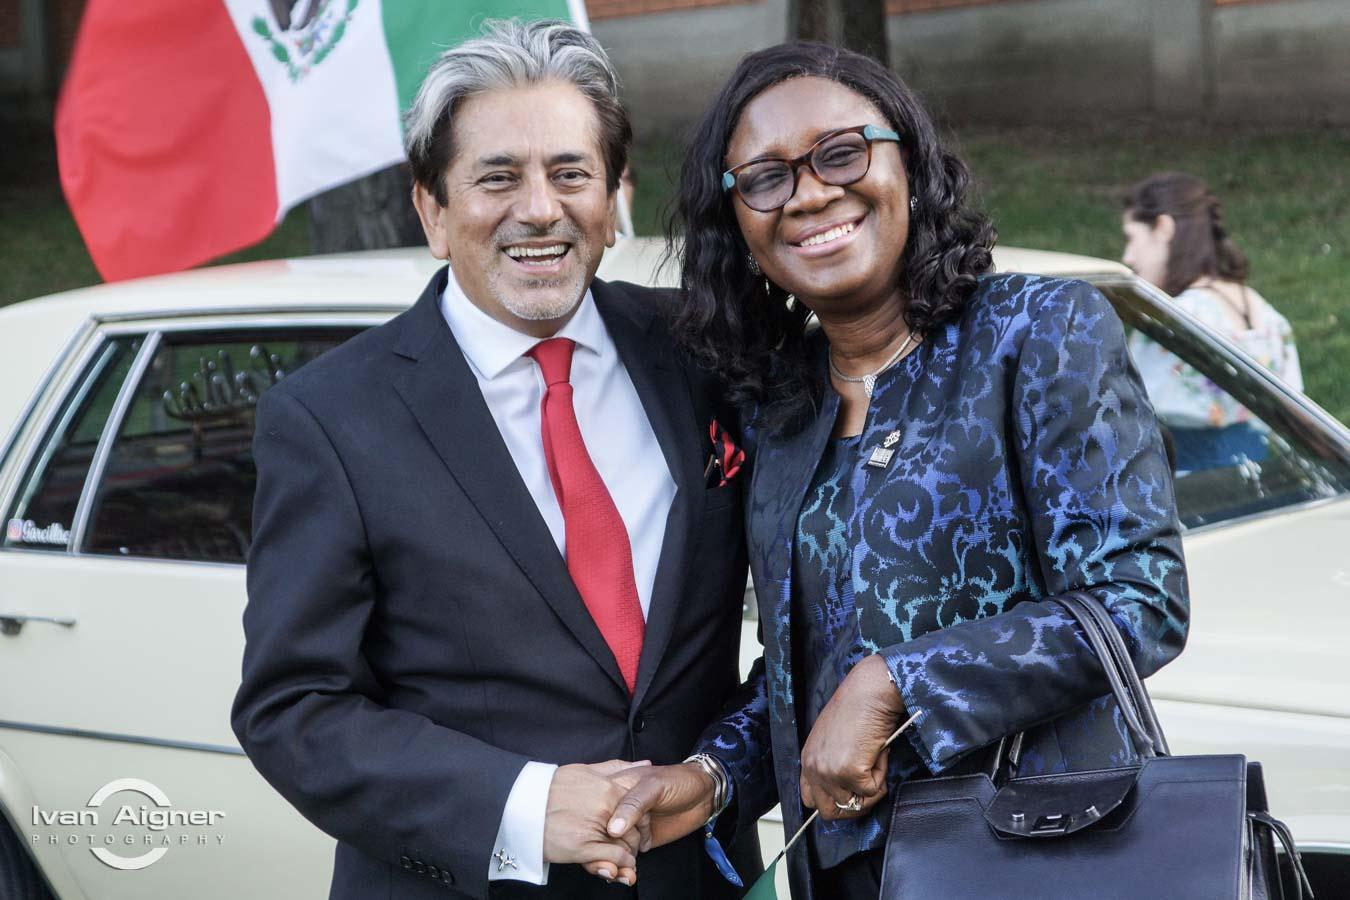 Őexc. David Nájera Rivas mexikói és Őexc. Eniola Olaitan Ajayi nigériai nagykövet